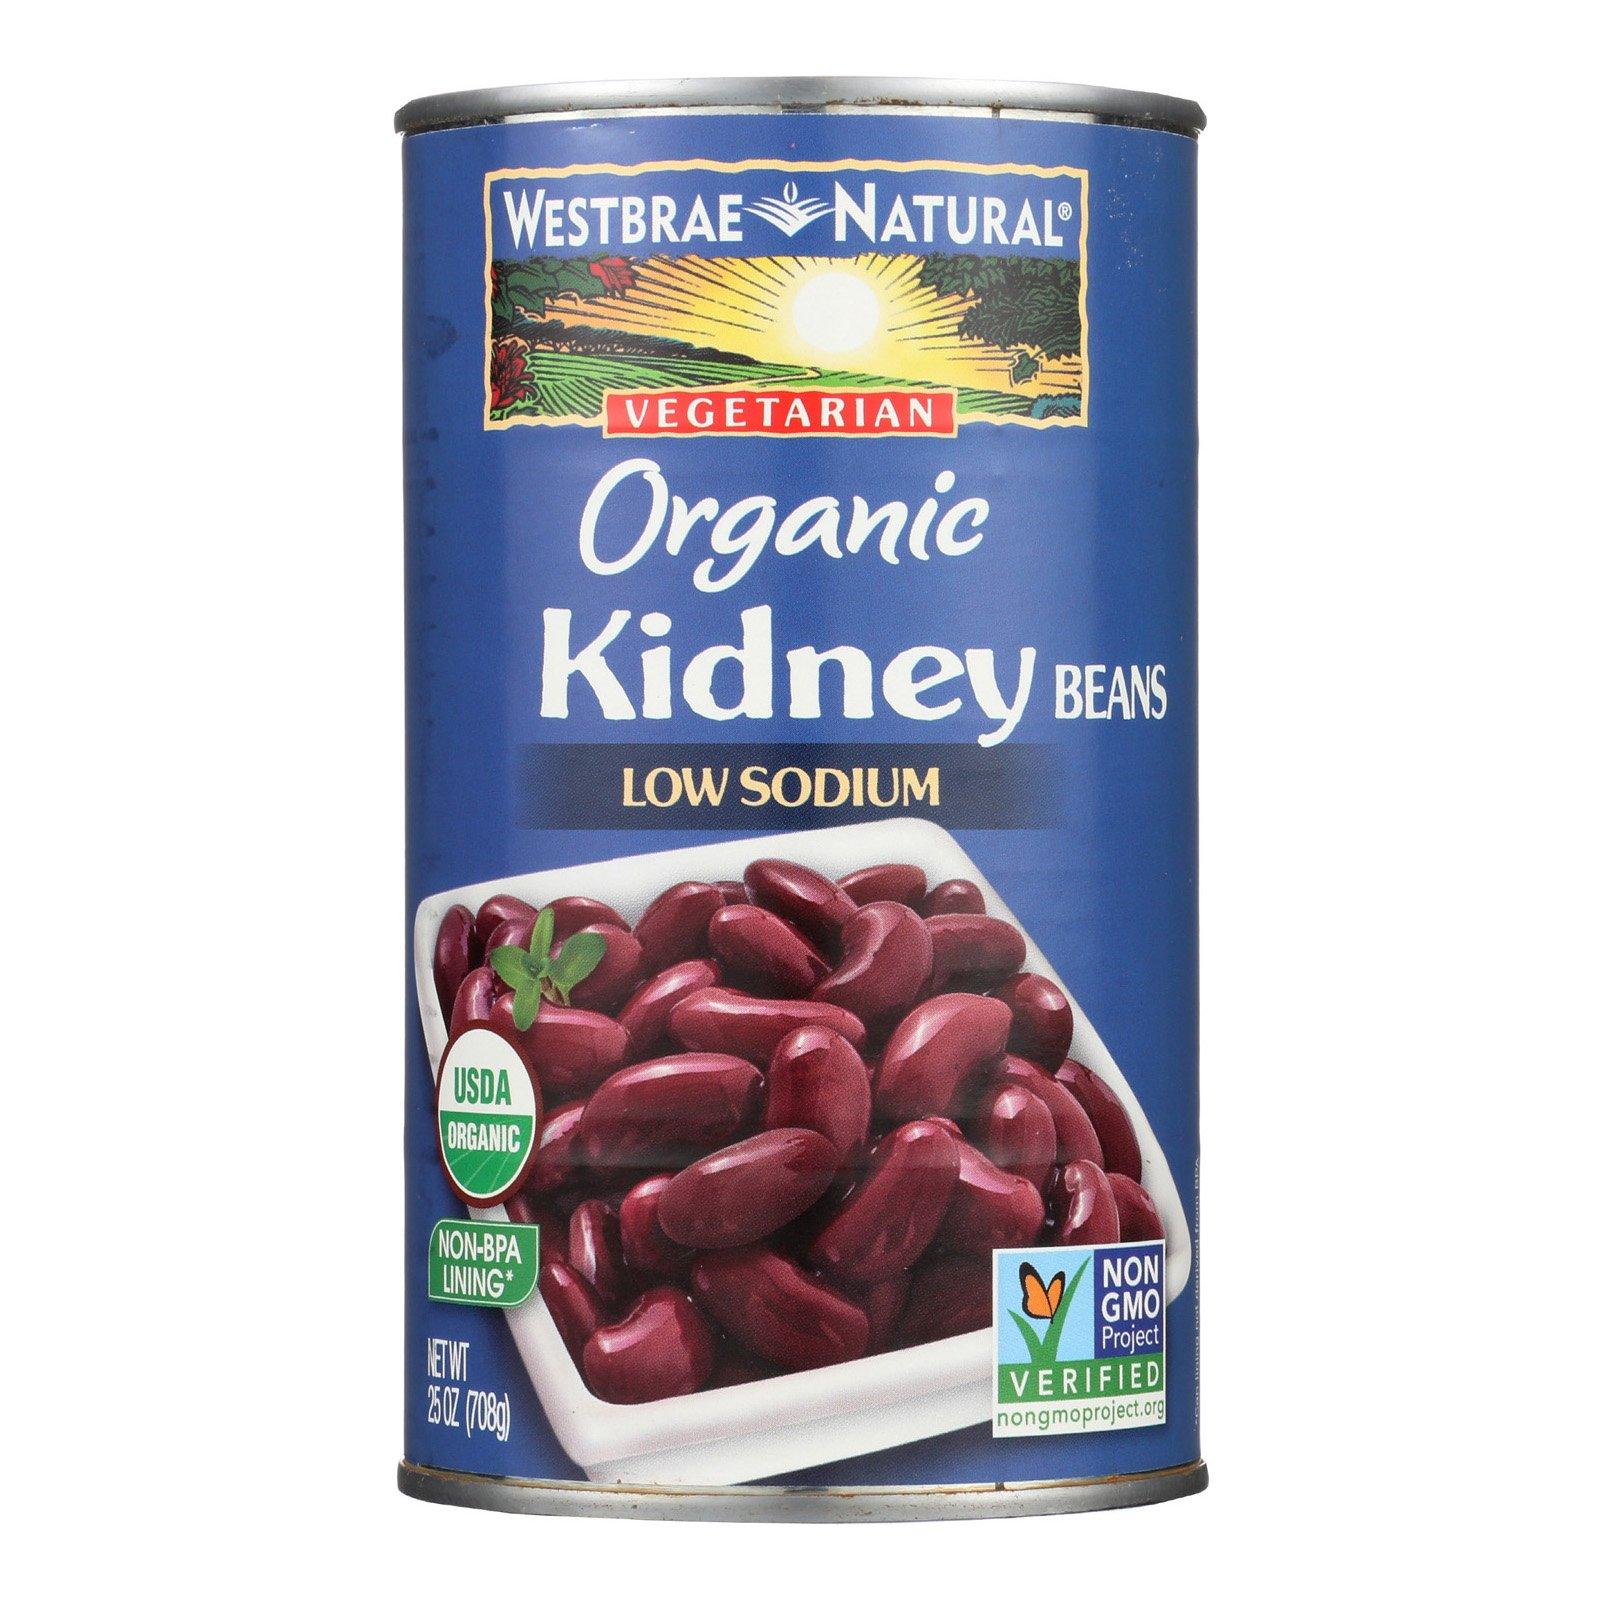 Westbrae Foods Organic Kidney Beans - Case of 12 - 25 oz. by Westbrae Natural